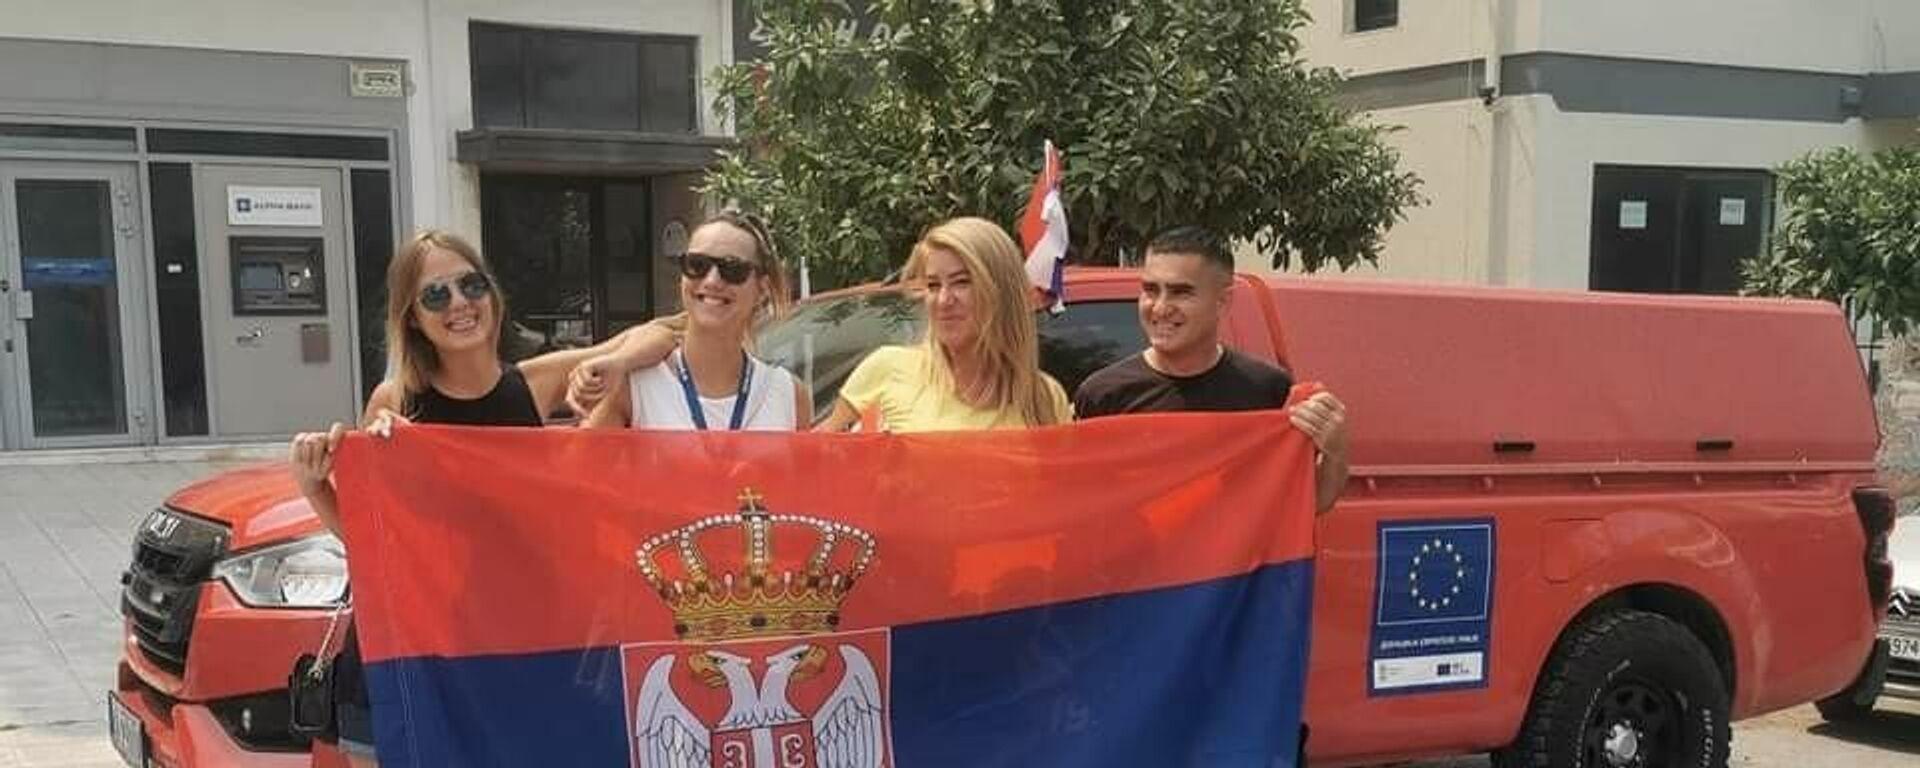 Српски ватрогасци стигли на Евију - Sputnik Србија, 1920, 09.08.2021